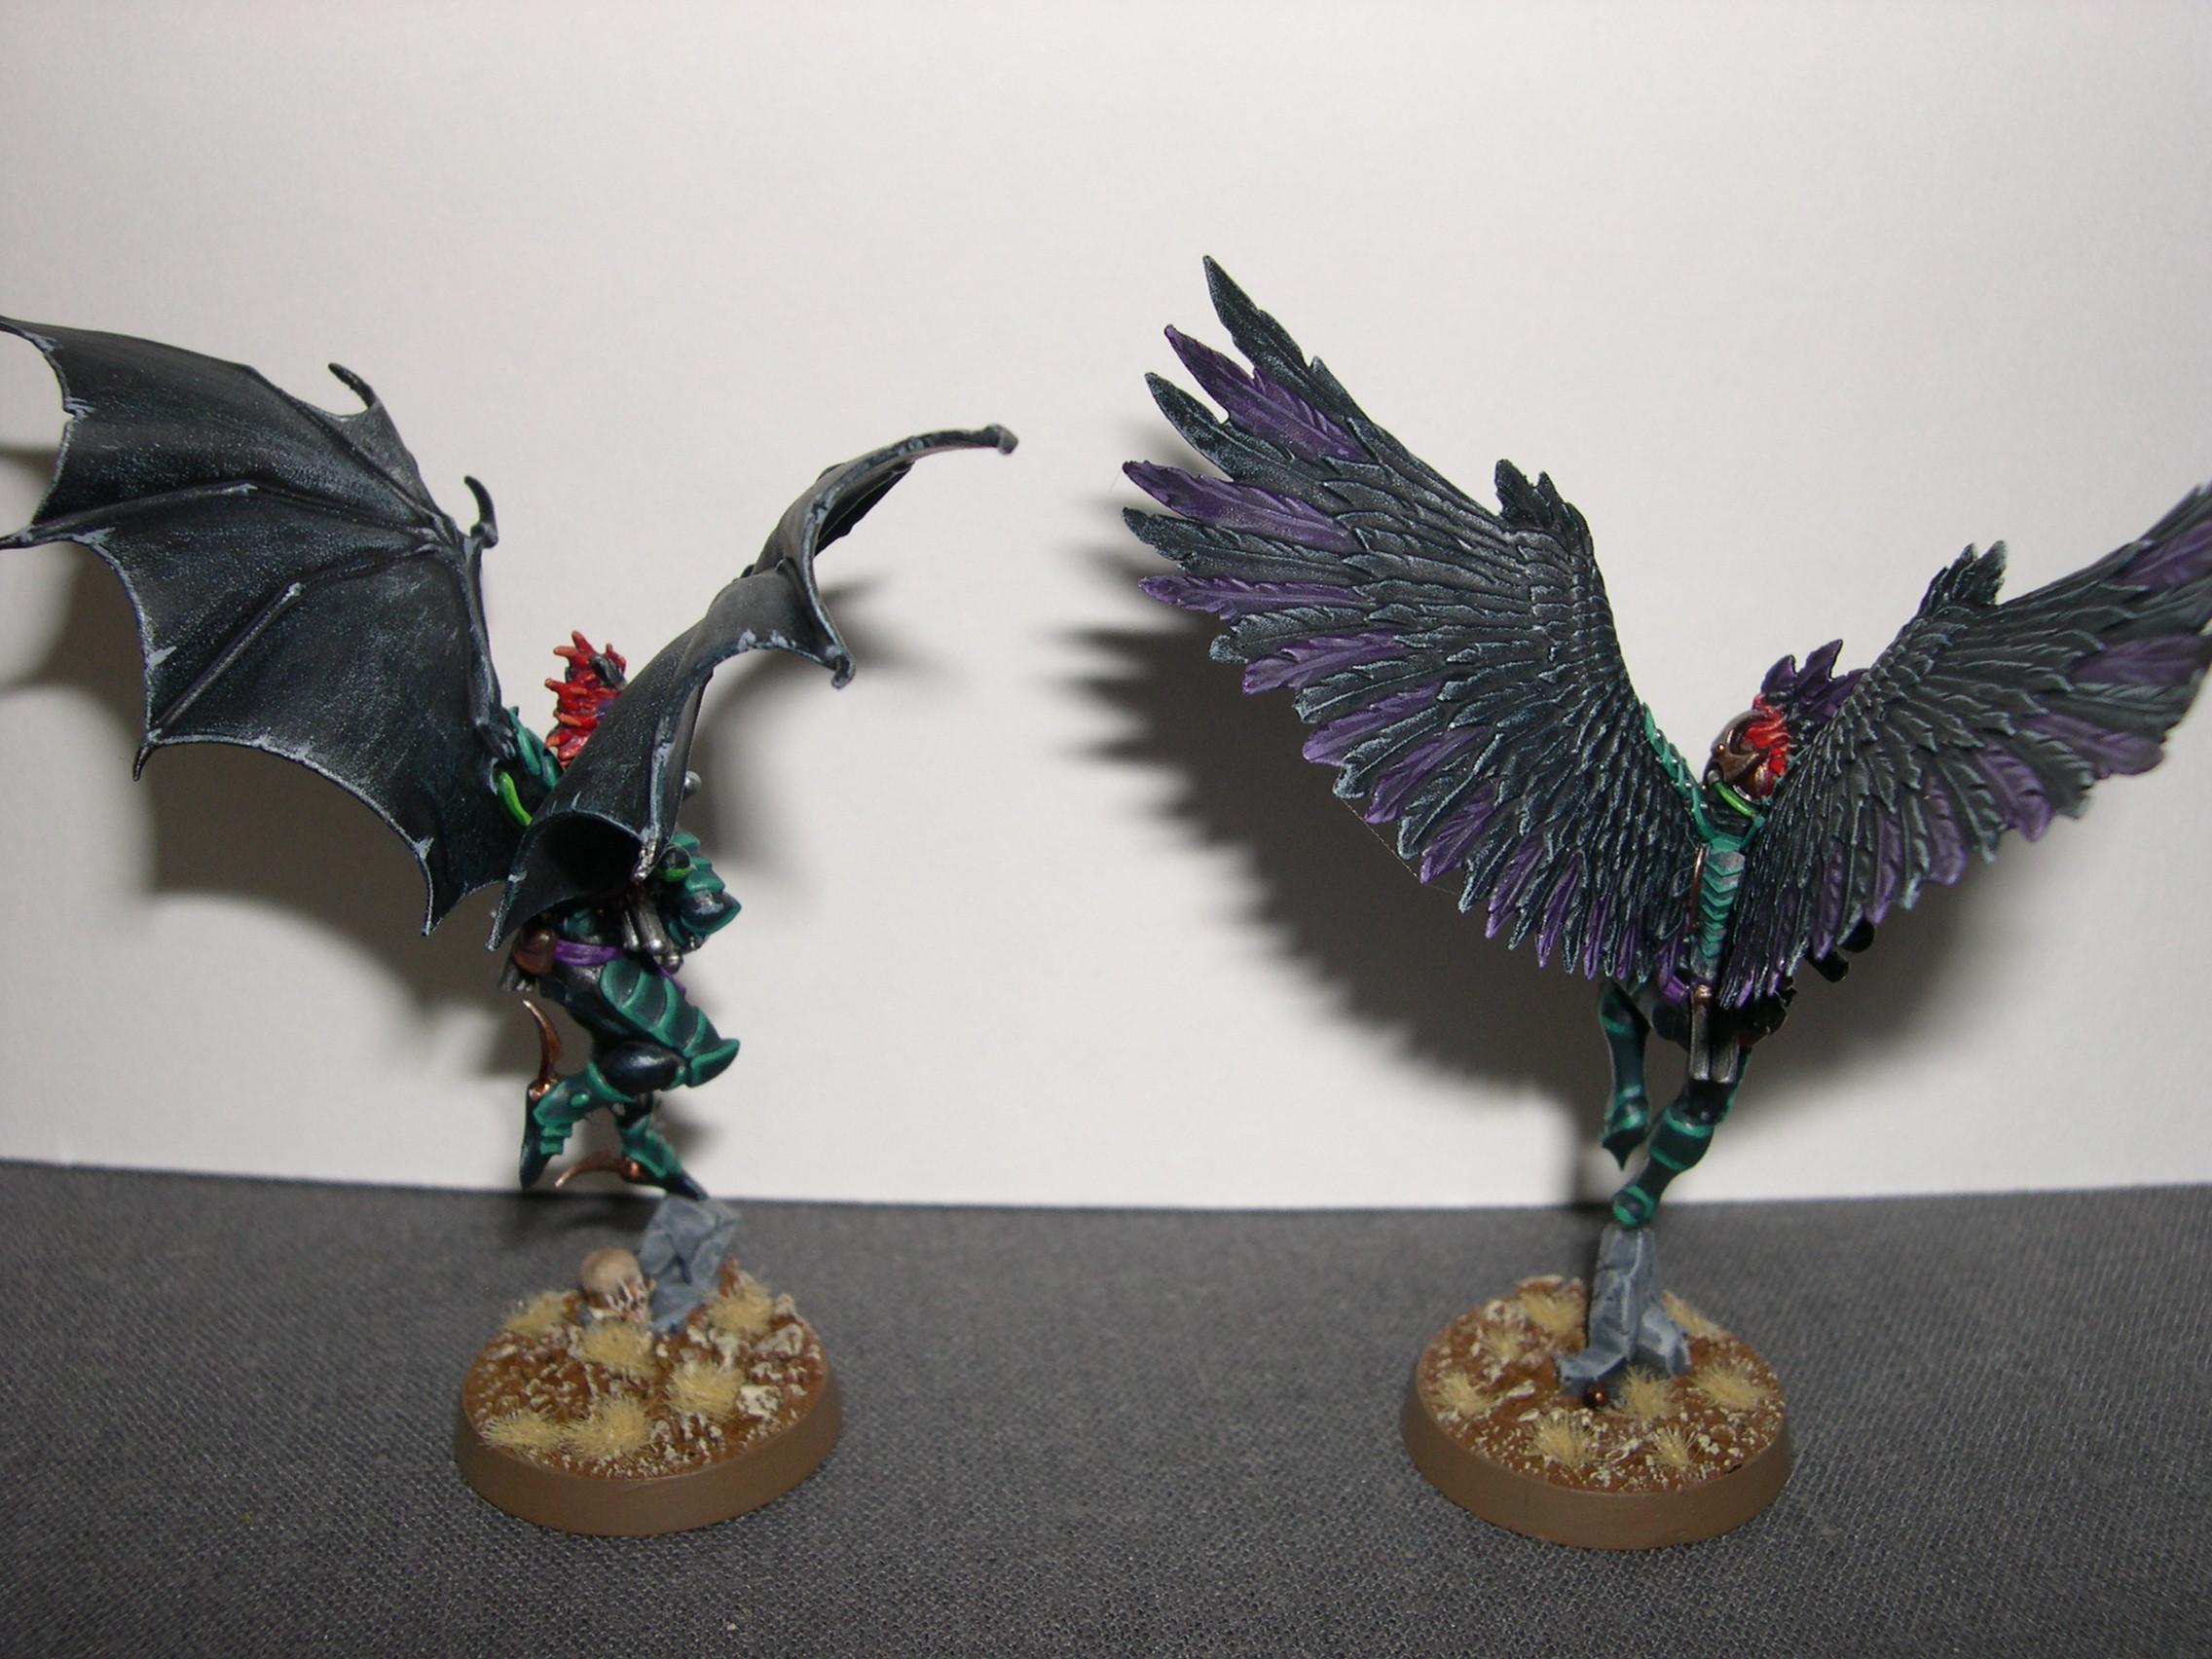 Dark Eldar, De, Scourage, Warhammer 40,000, Warhammer Fantasy